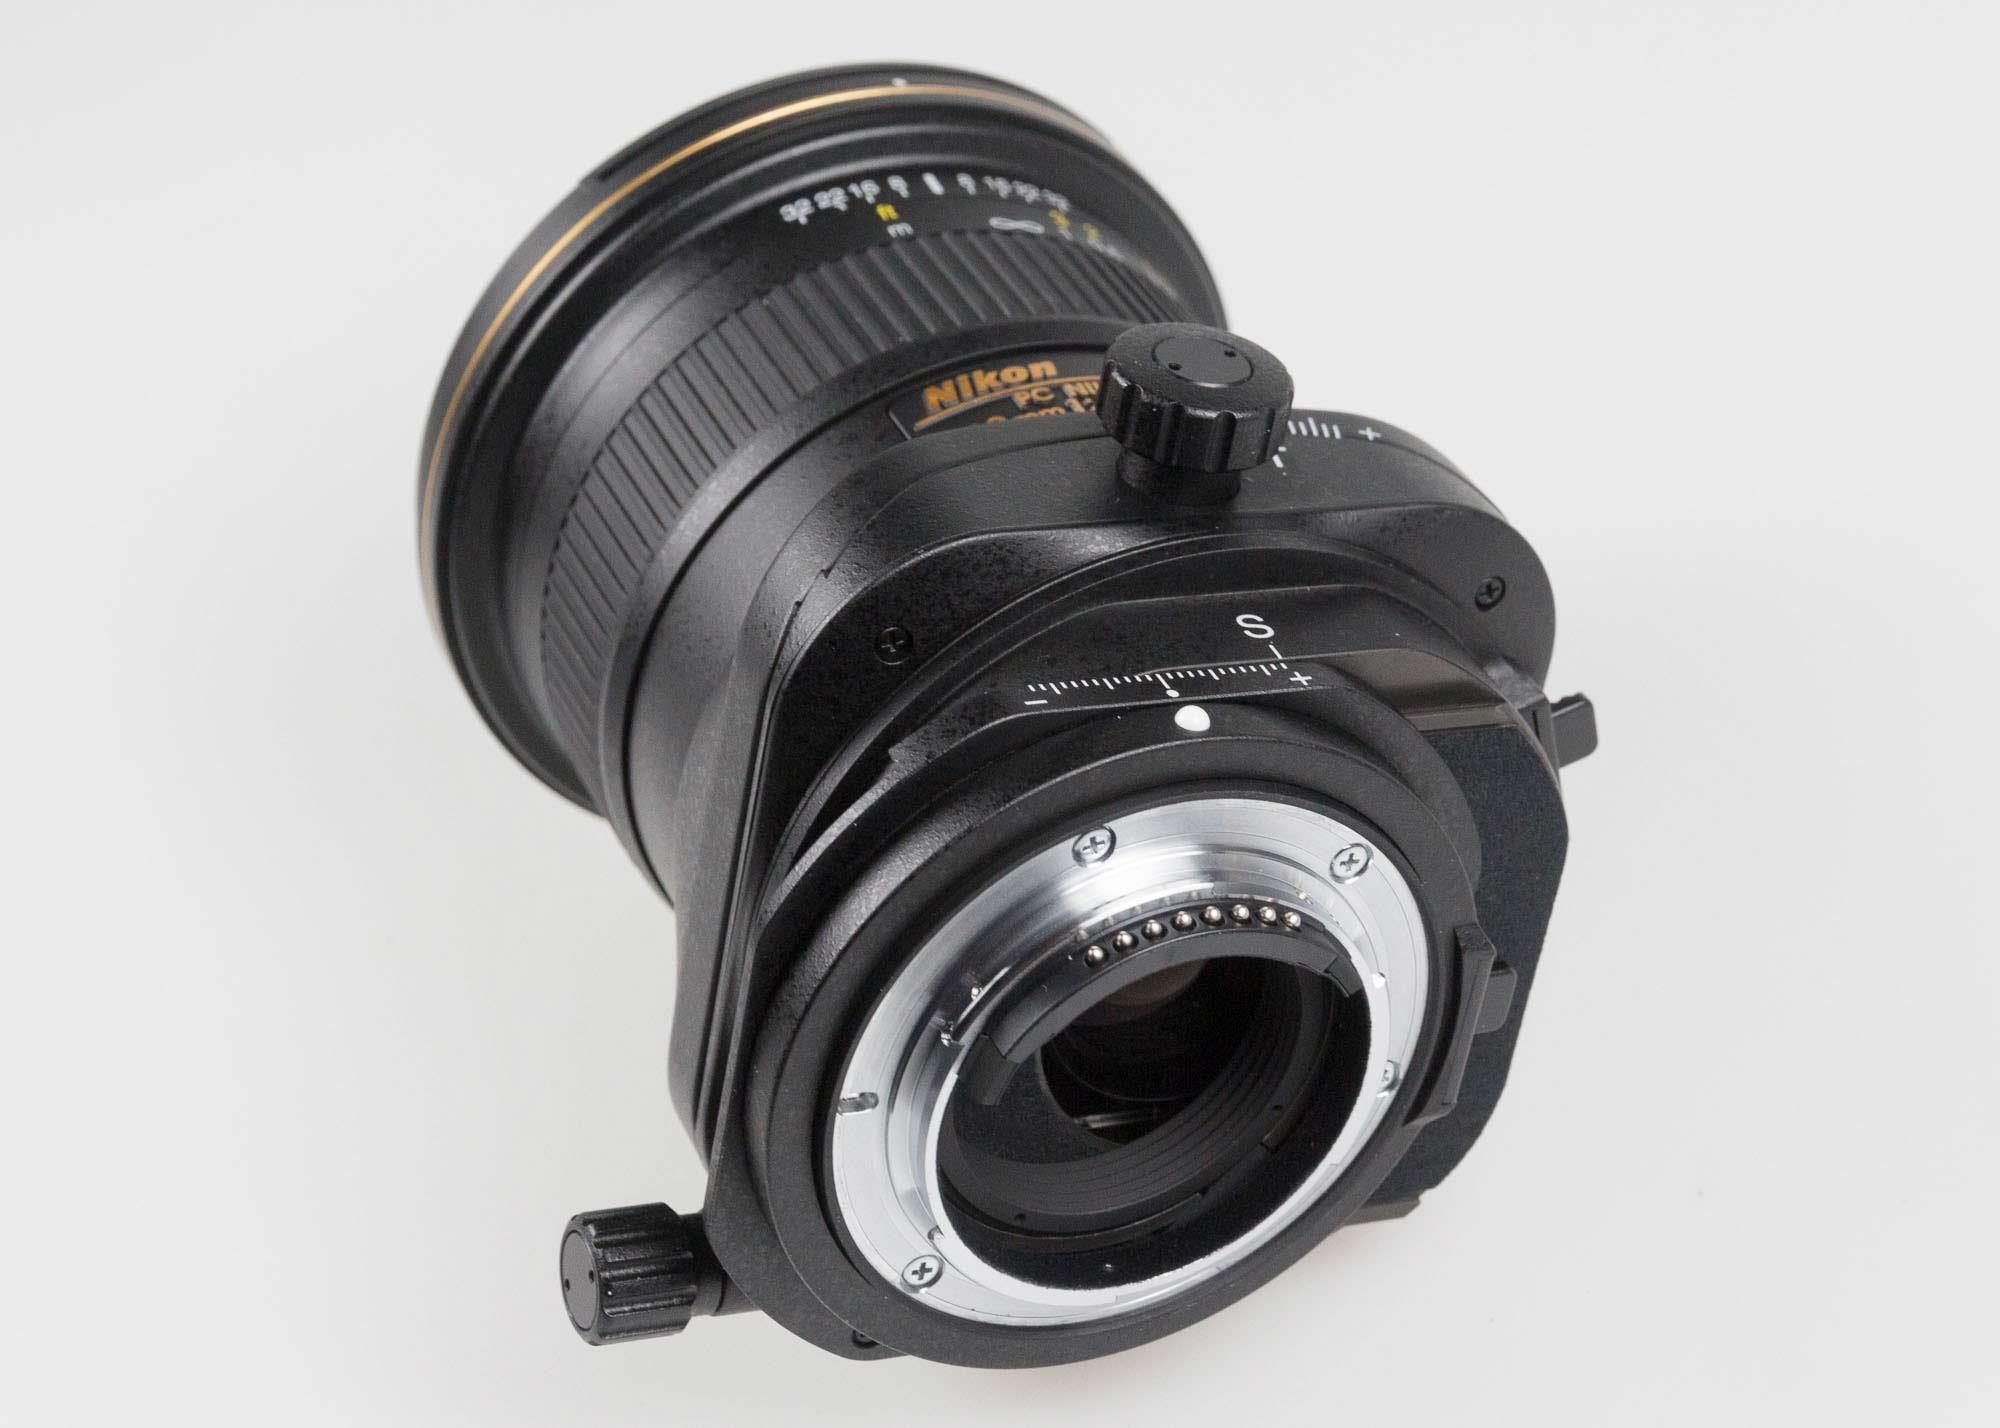 rear-of-lens